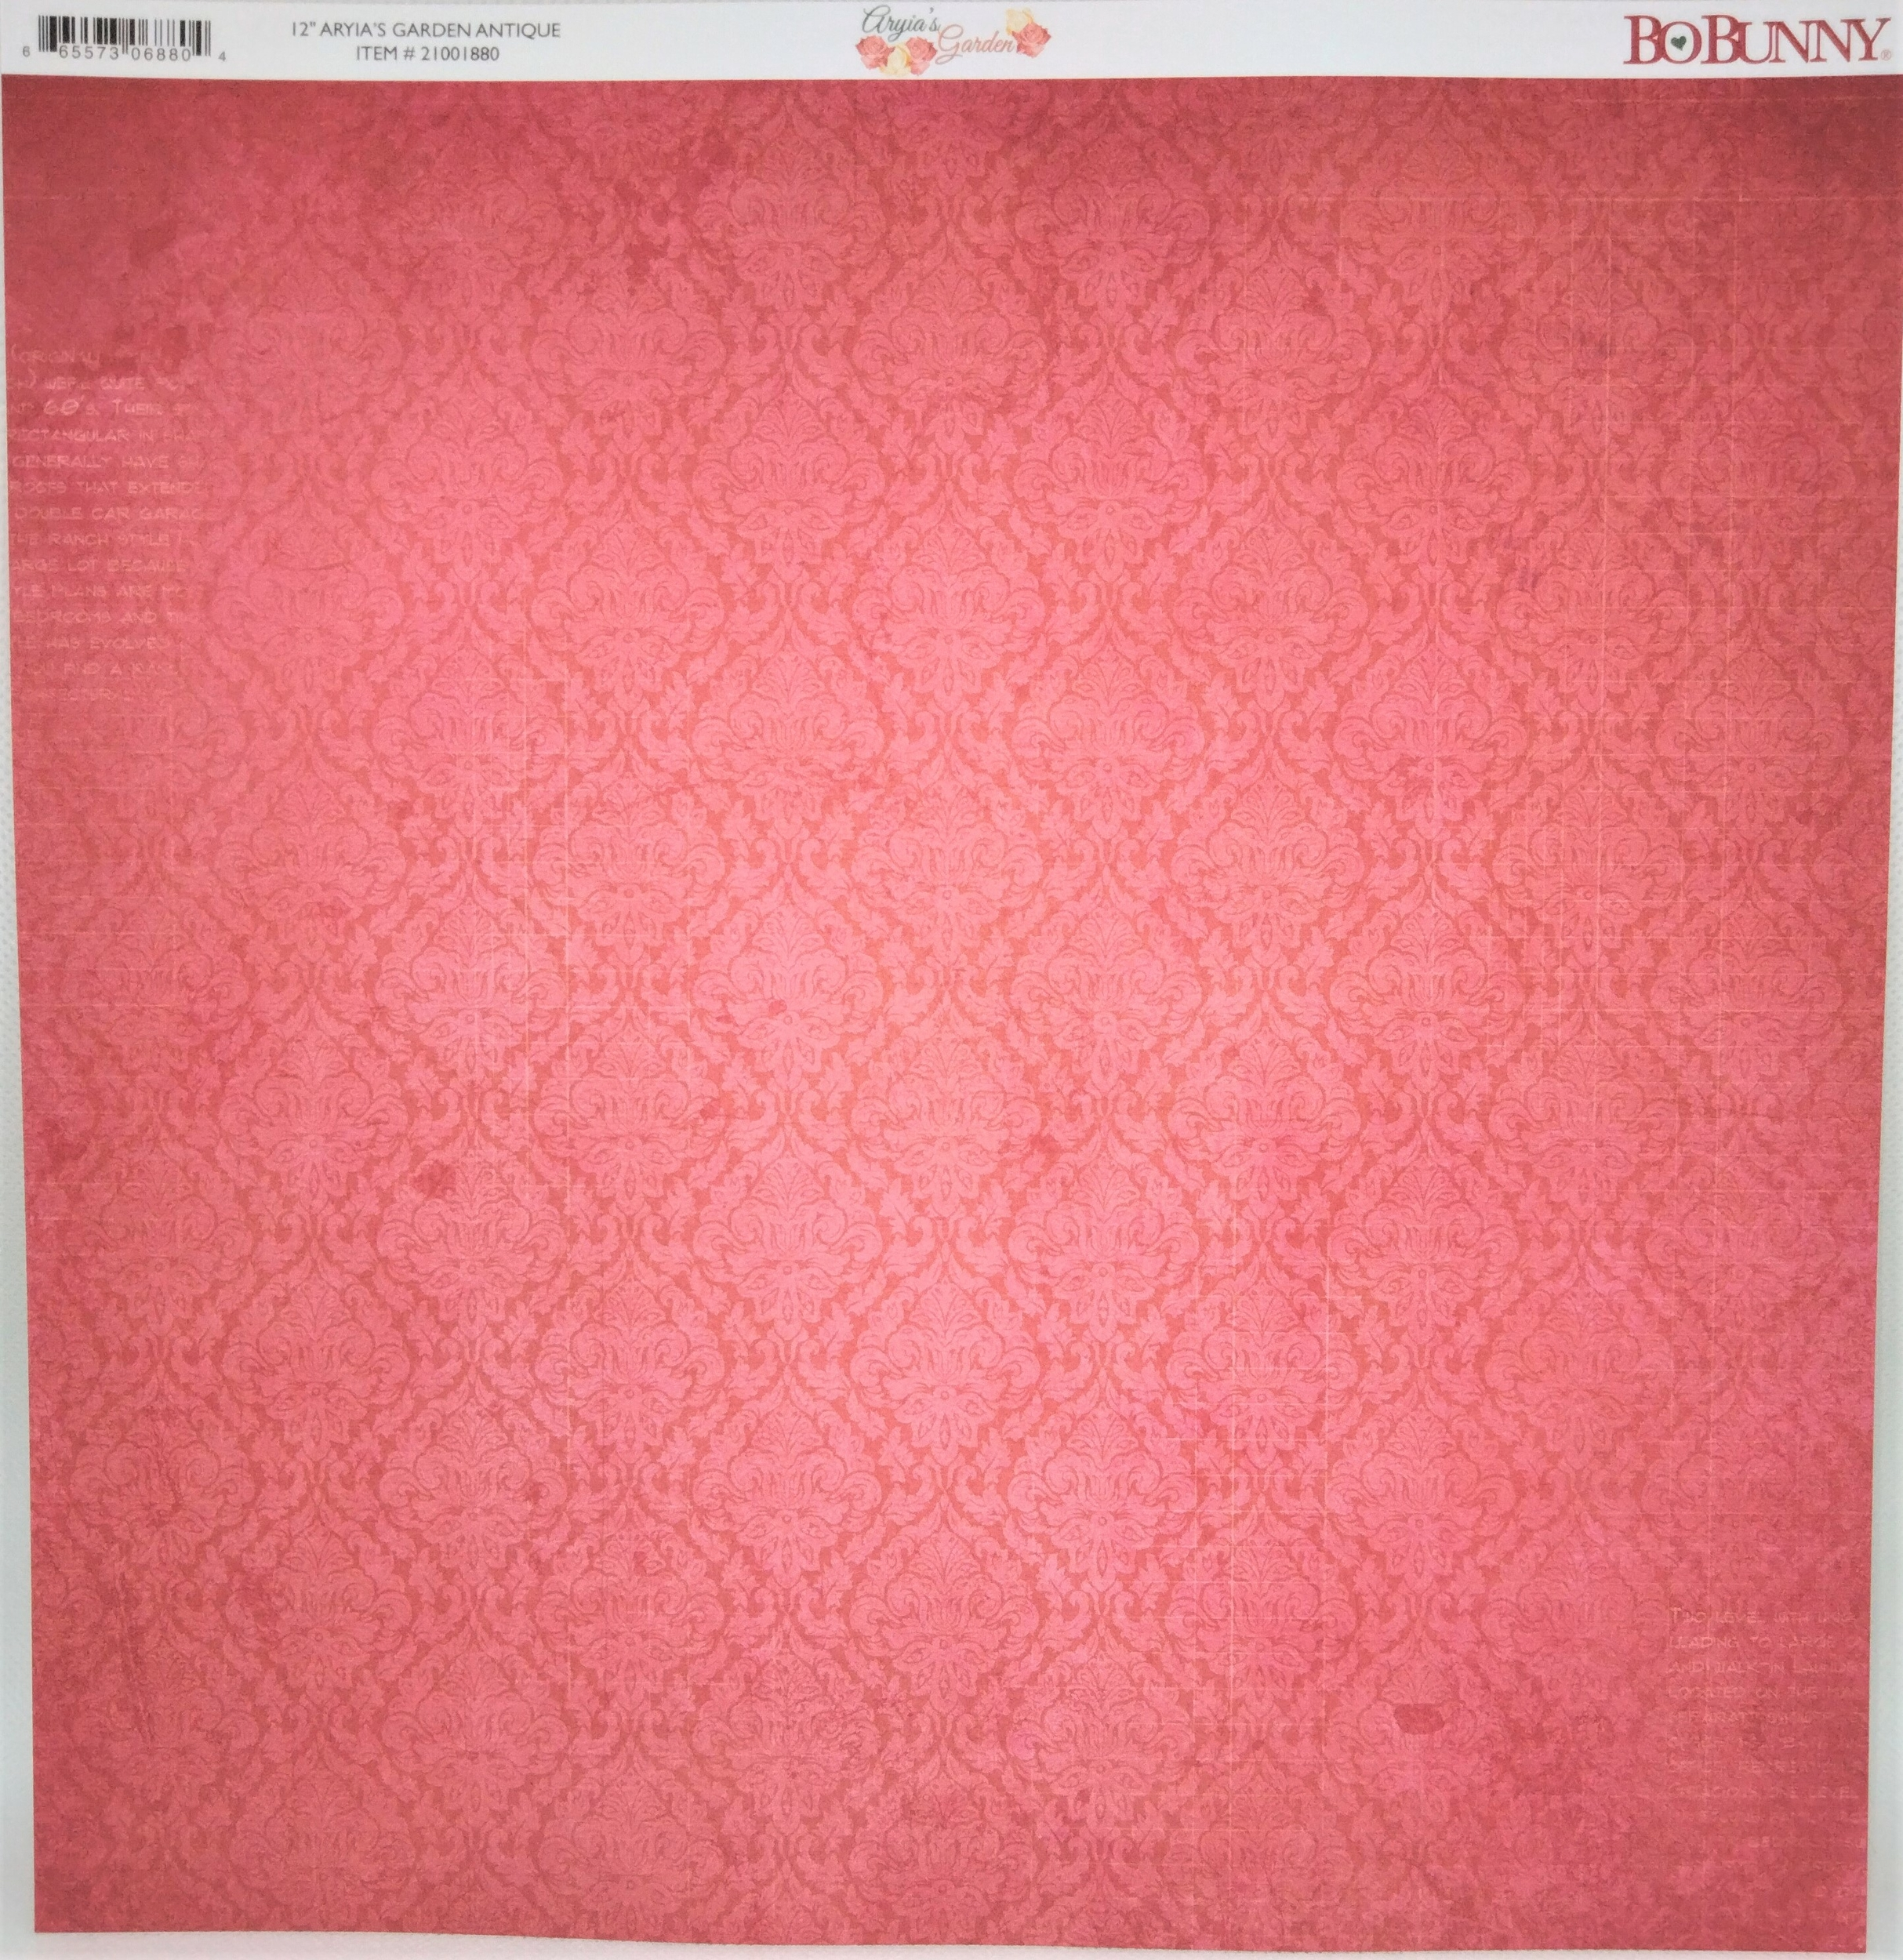 Planche double face 30.5 x 30.5 cms -160 g/m2 - Collection Aryia\'s Garden - Antique